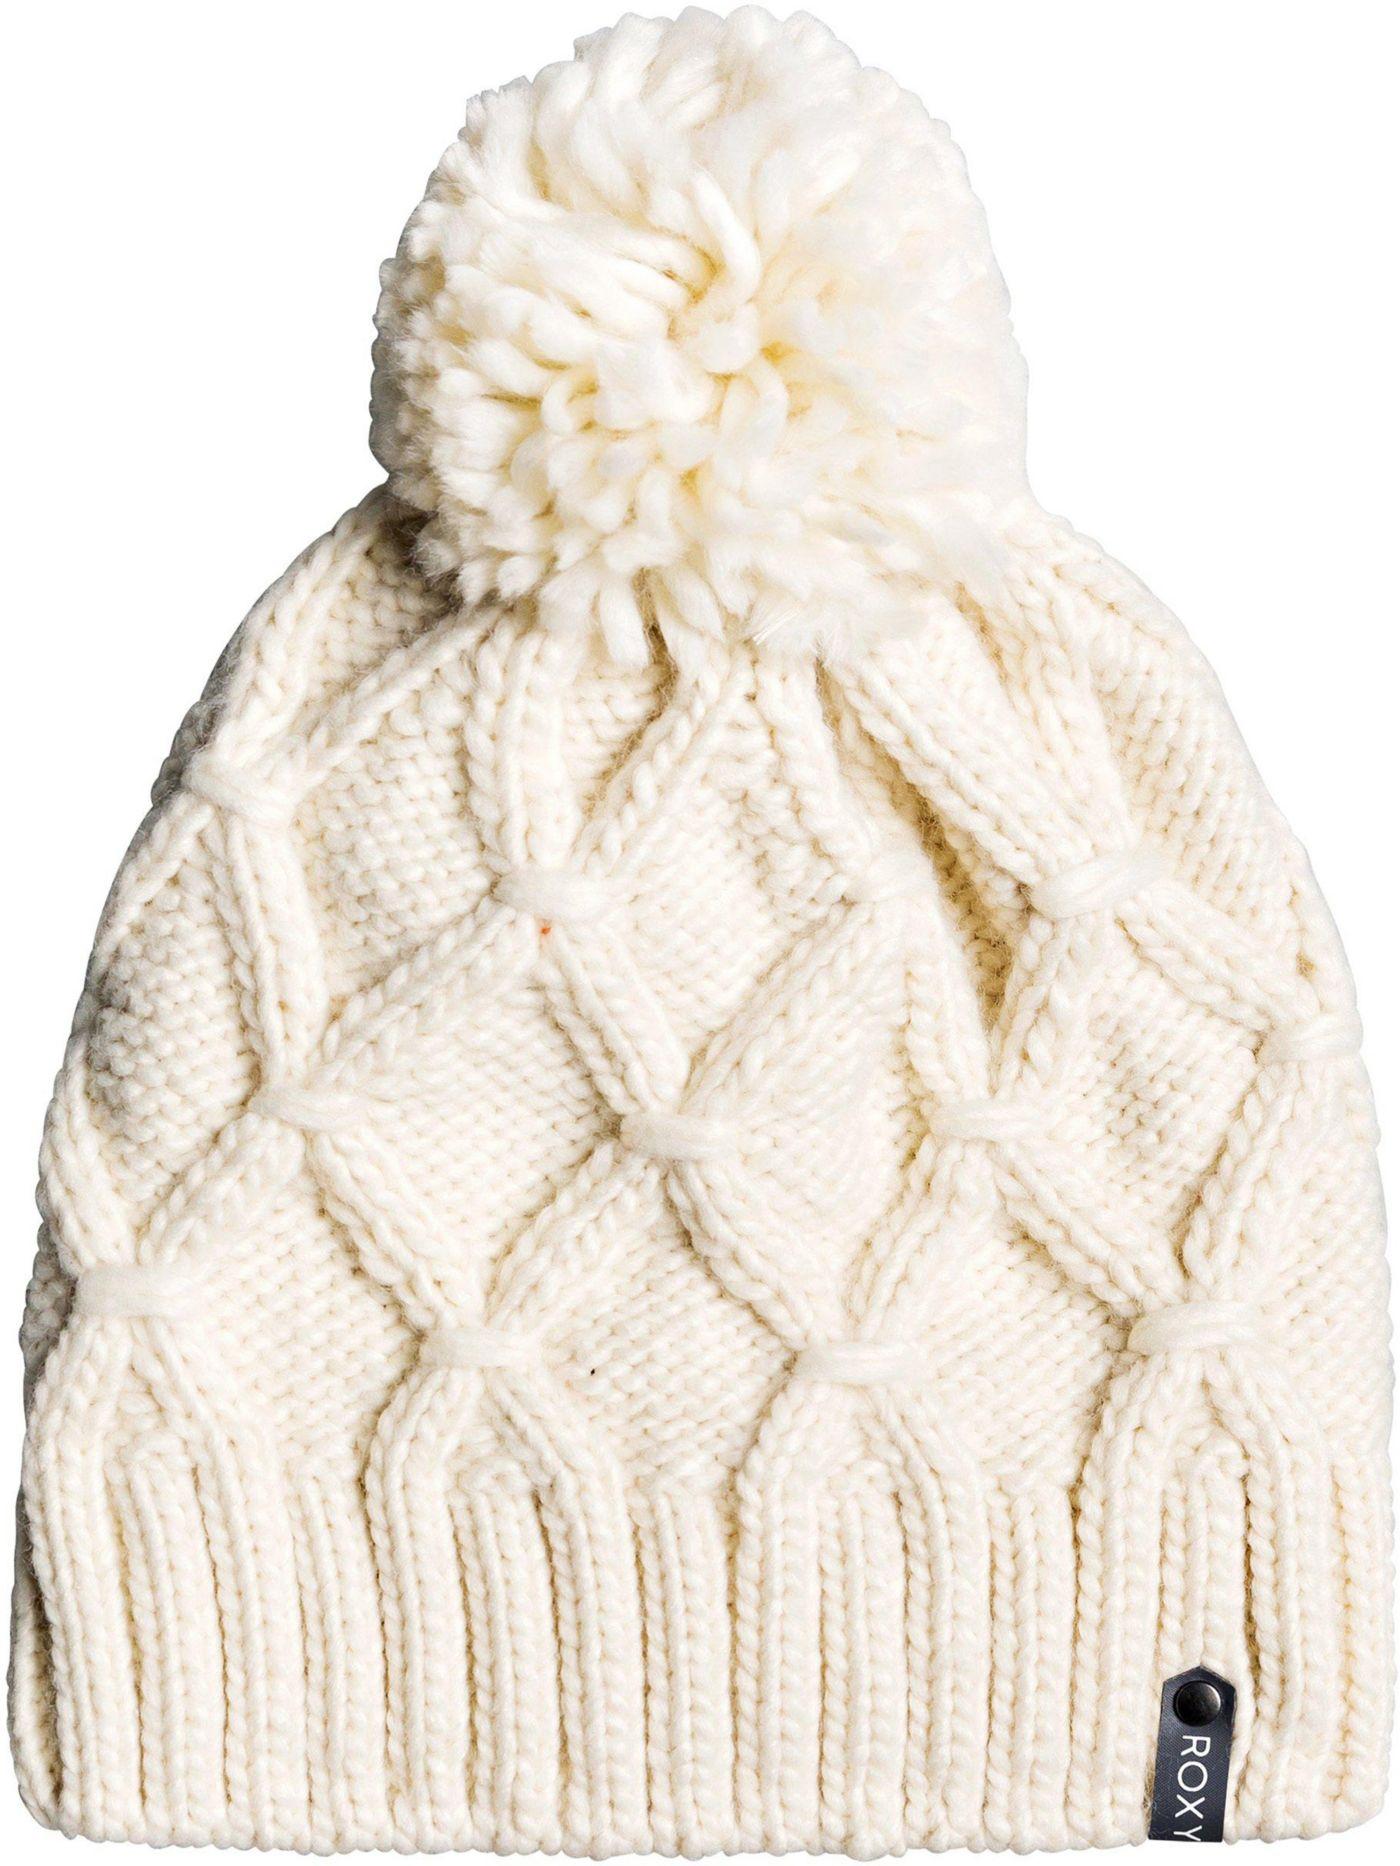 Roxy Women's Winter Pom-Pom Beanie